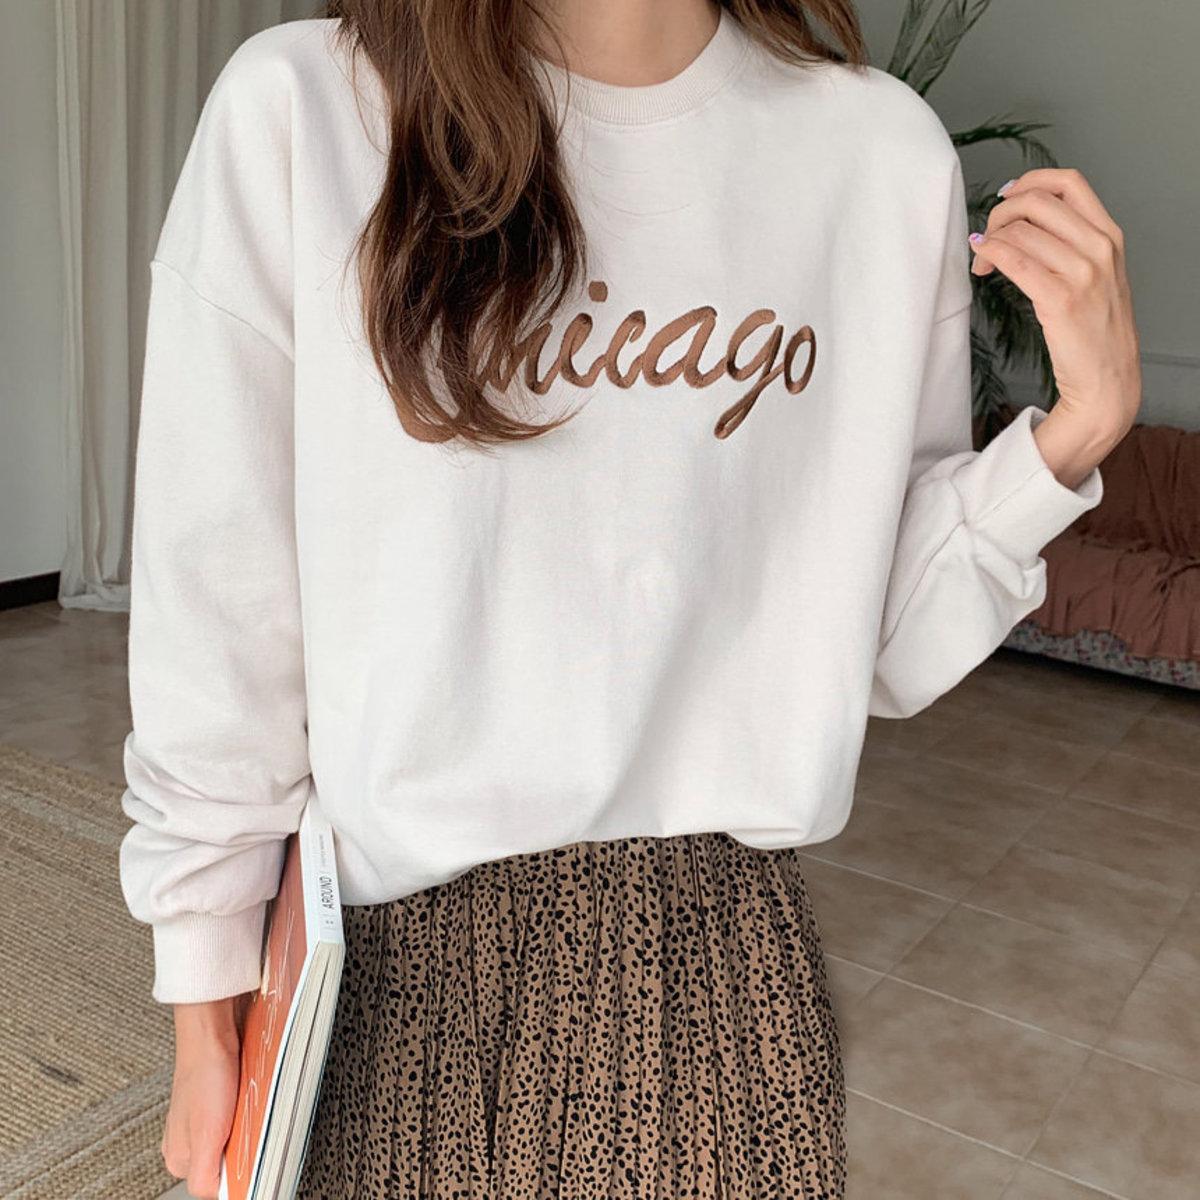 Chicago Embroidery Sweatshirt